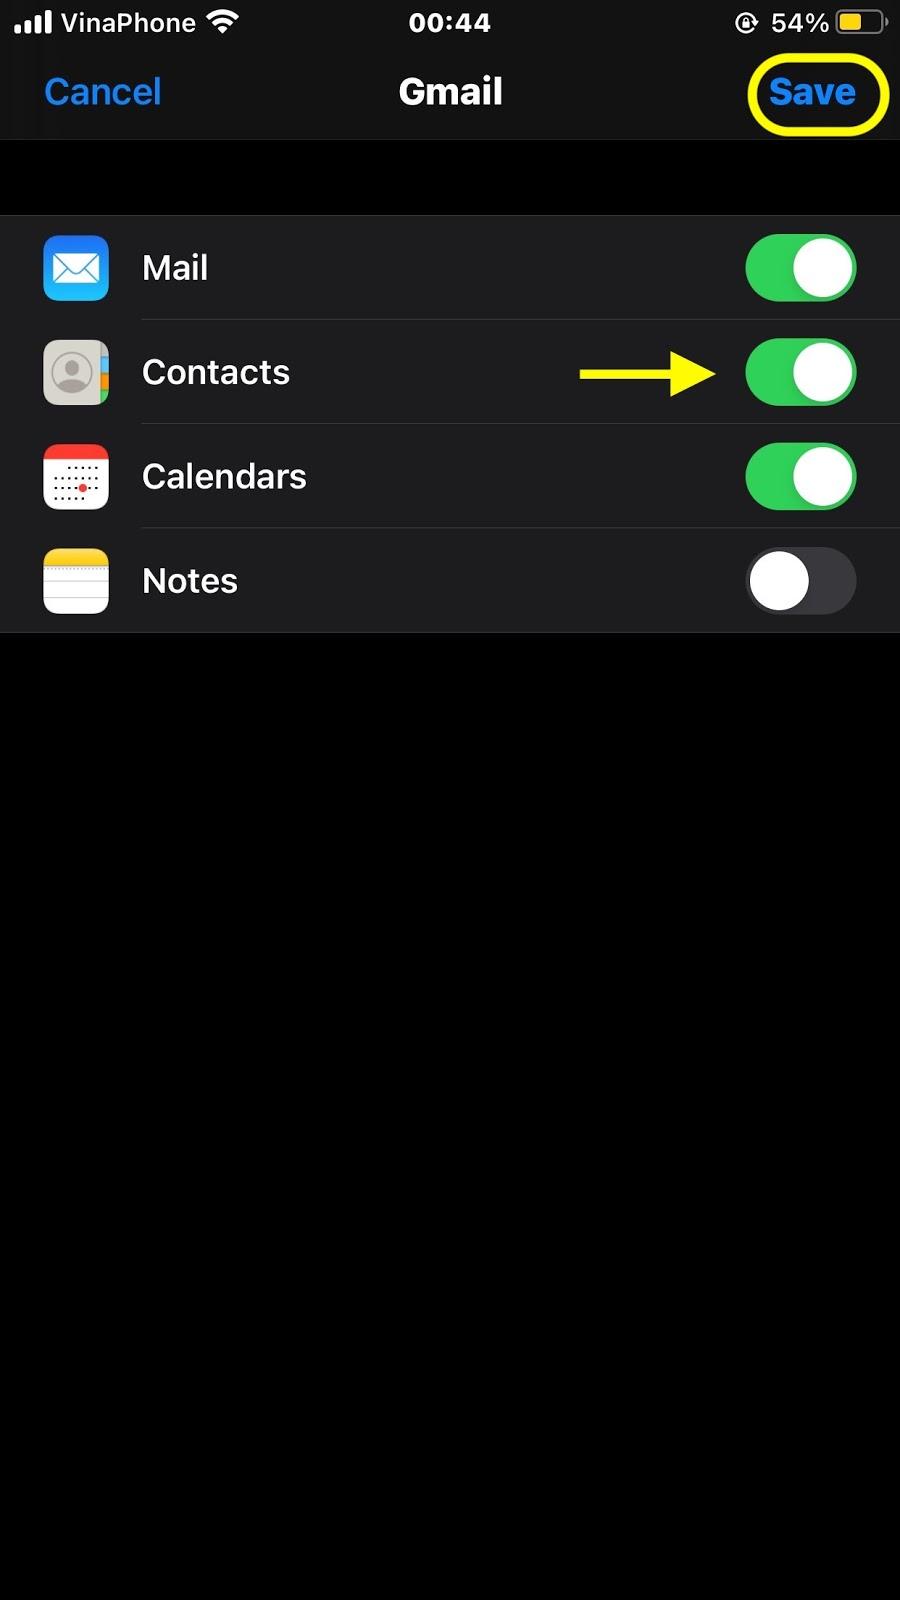 Nhấn vào Save (Lưu) sau khi bạn bật Contacts (Danh bạ)